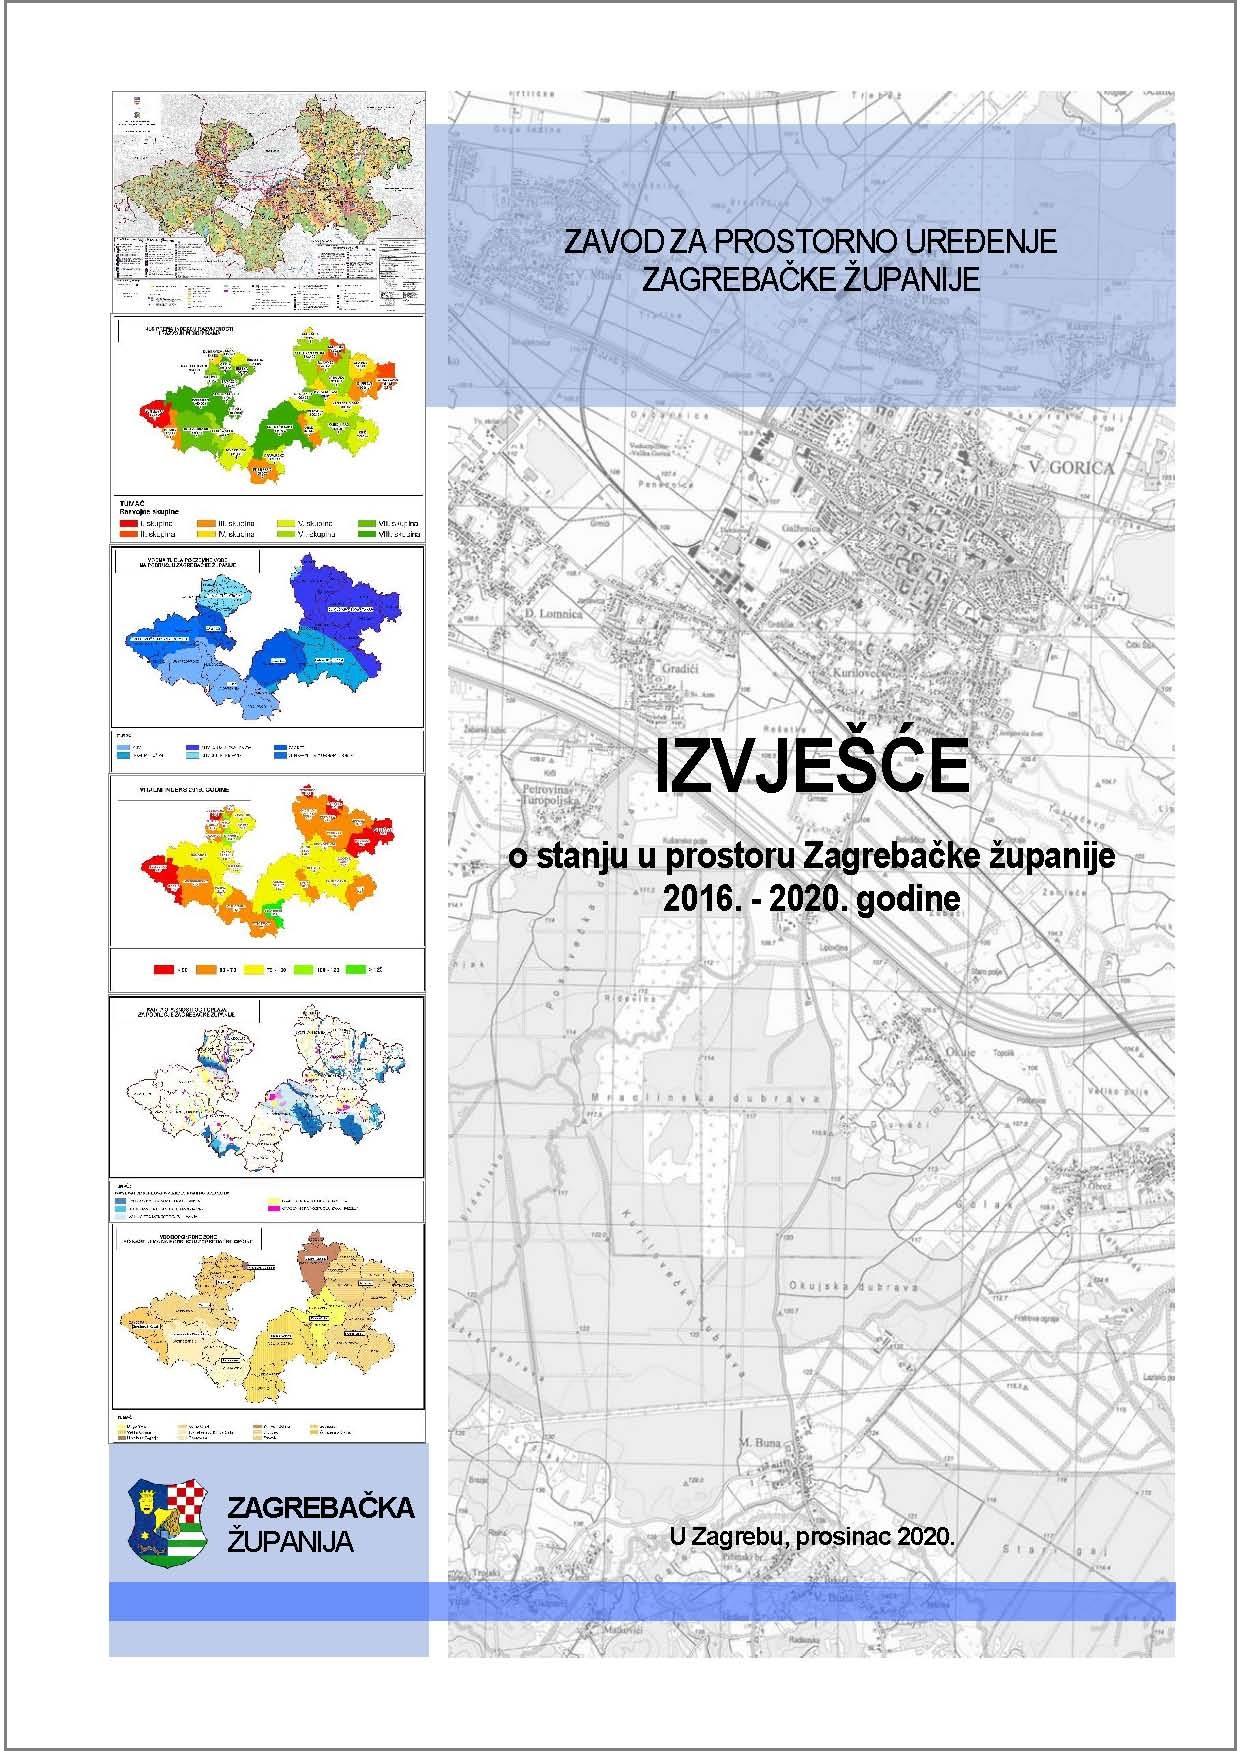 Objavljeno Izvješće o stanju u prostoru Zagrebačke županije 2016. – 2020. godine - slika 1